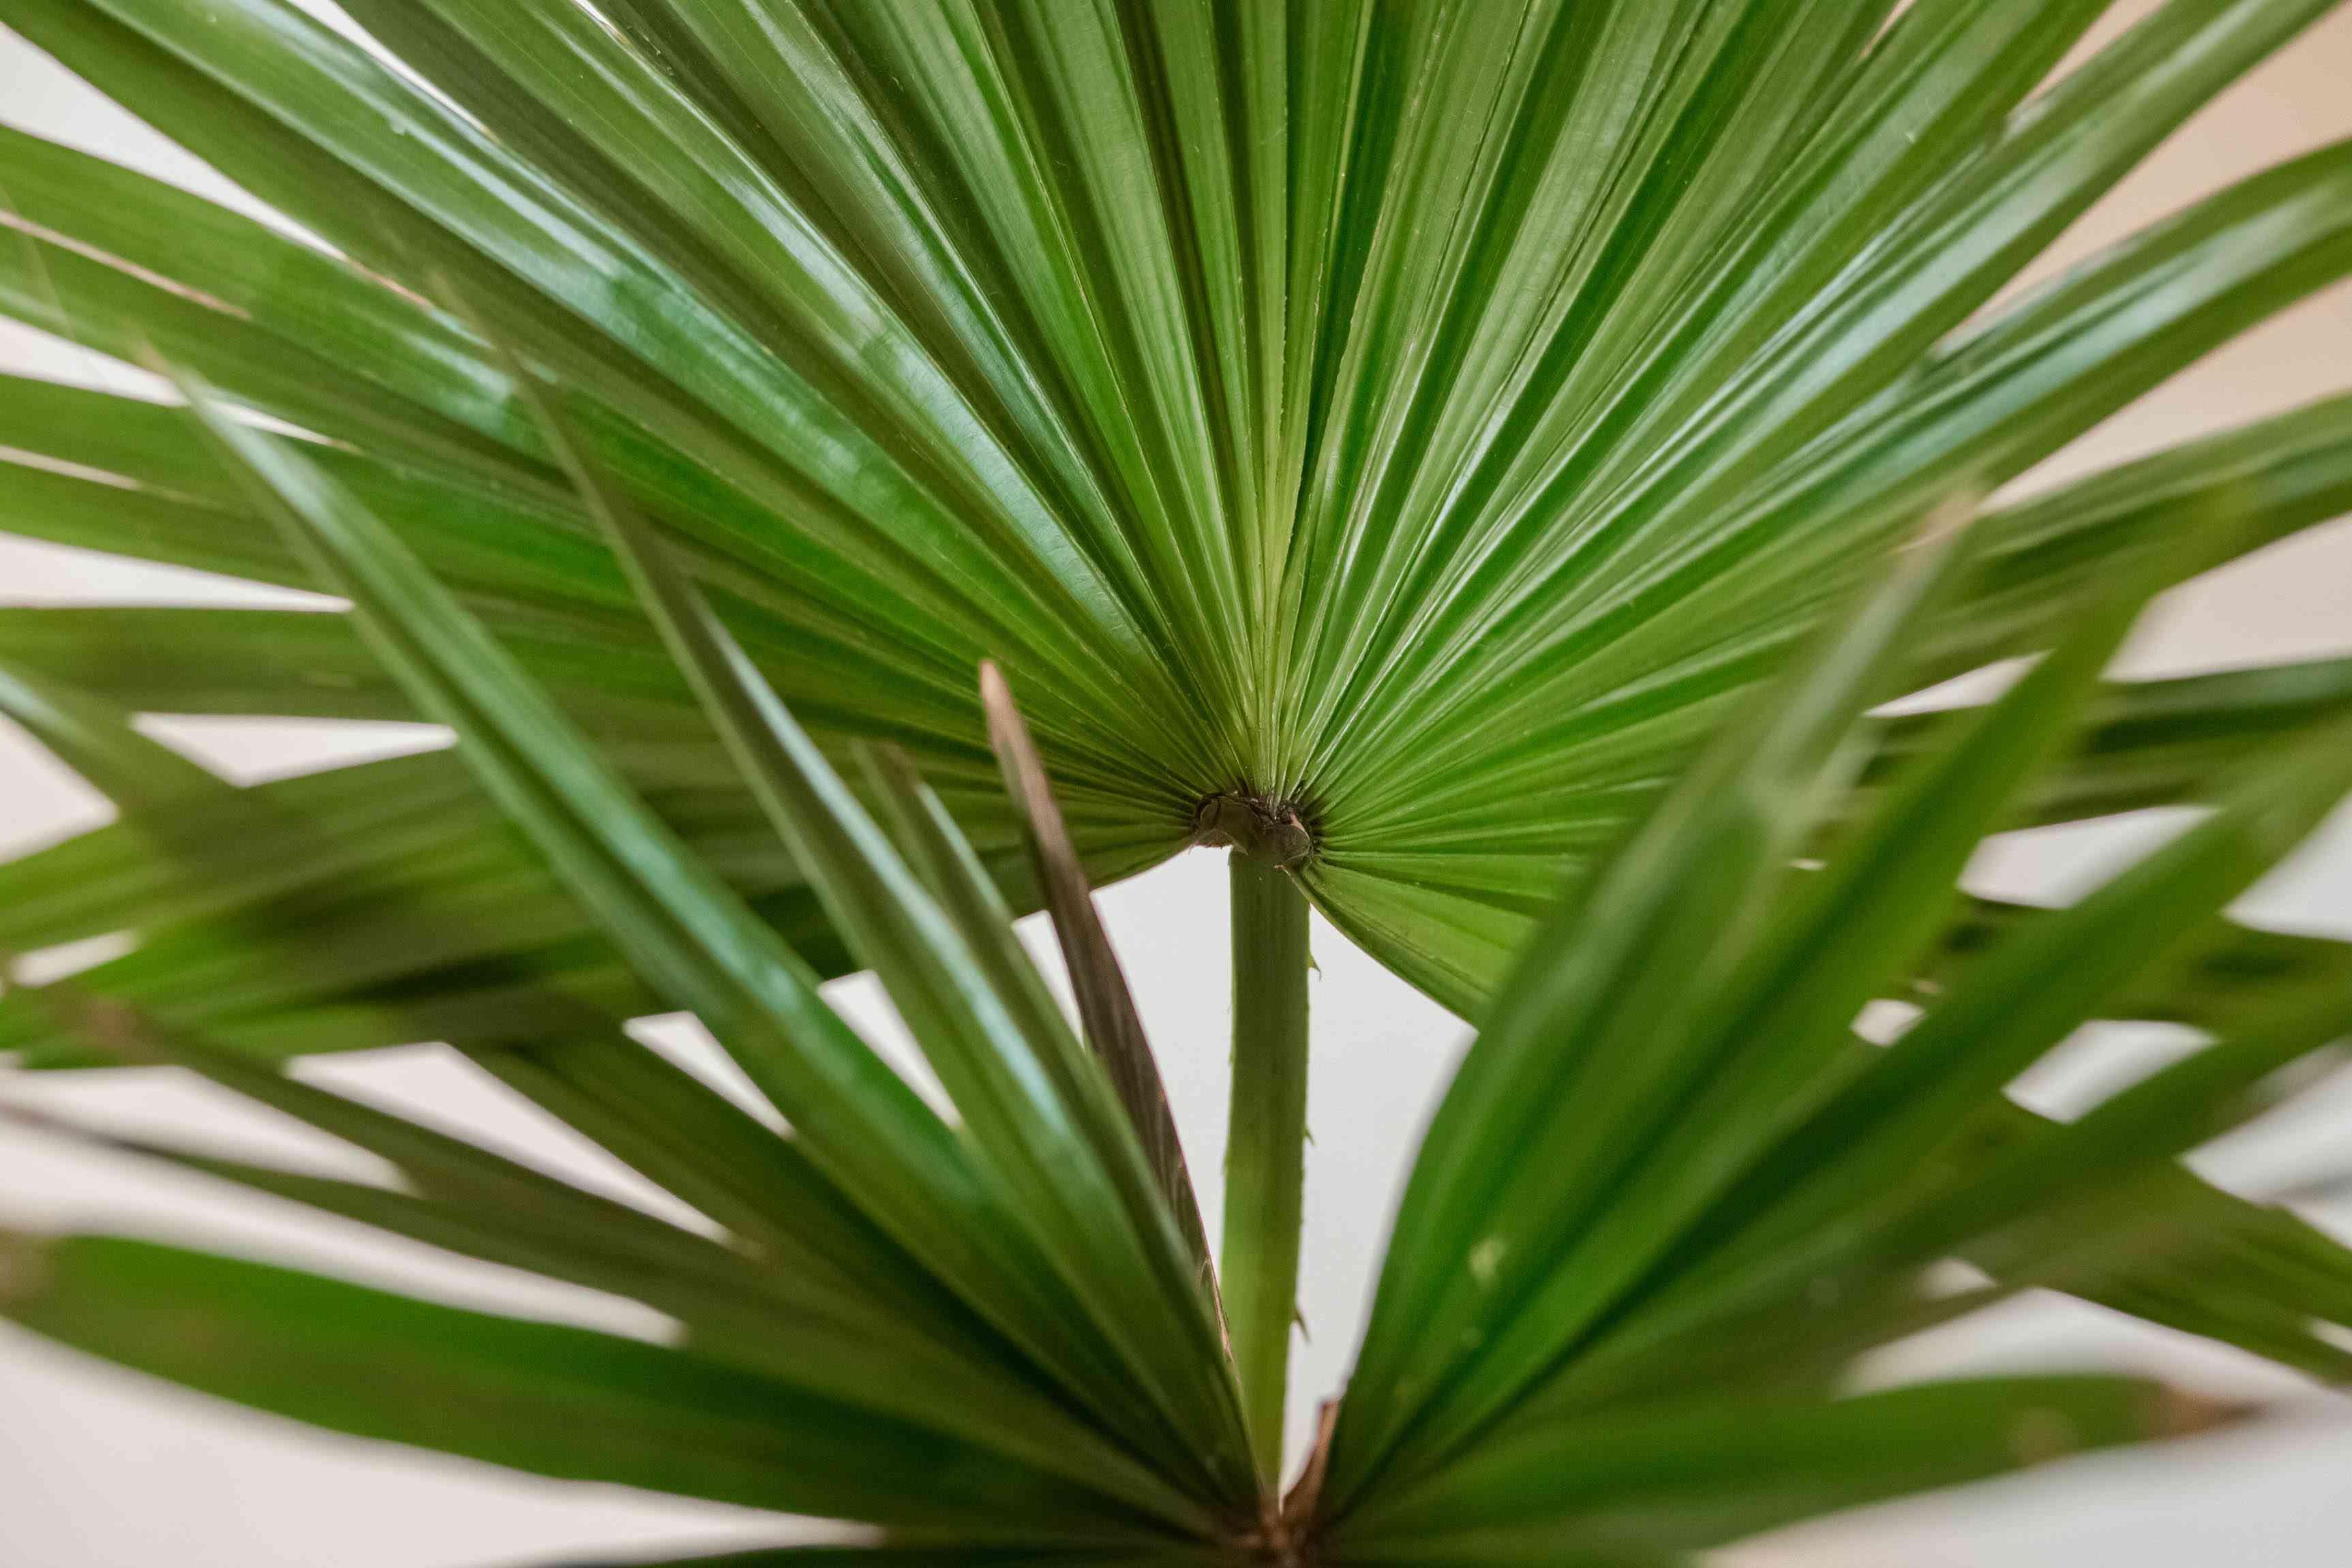 closeup of a Chinese fan palm